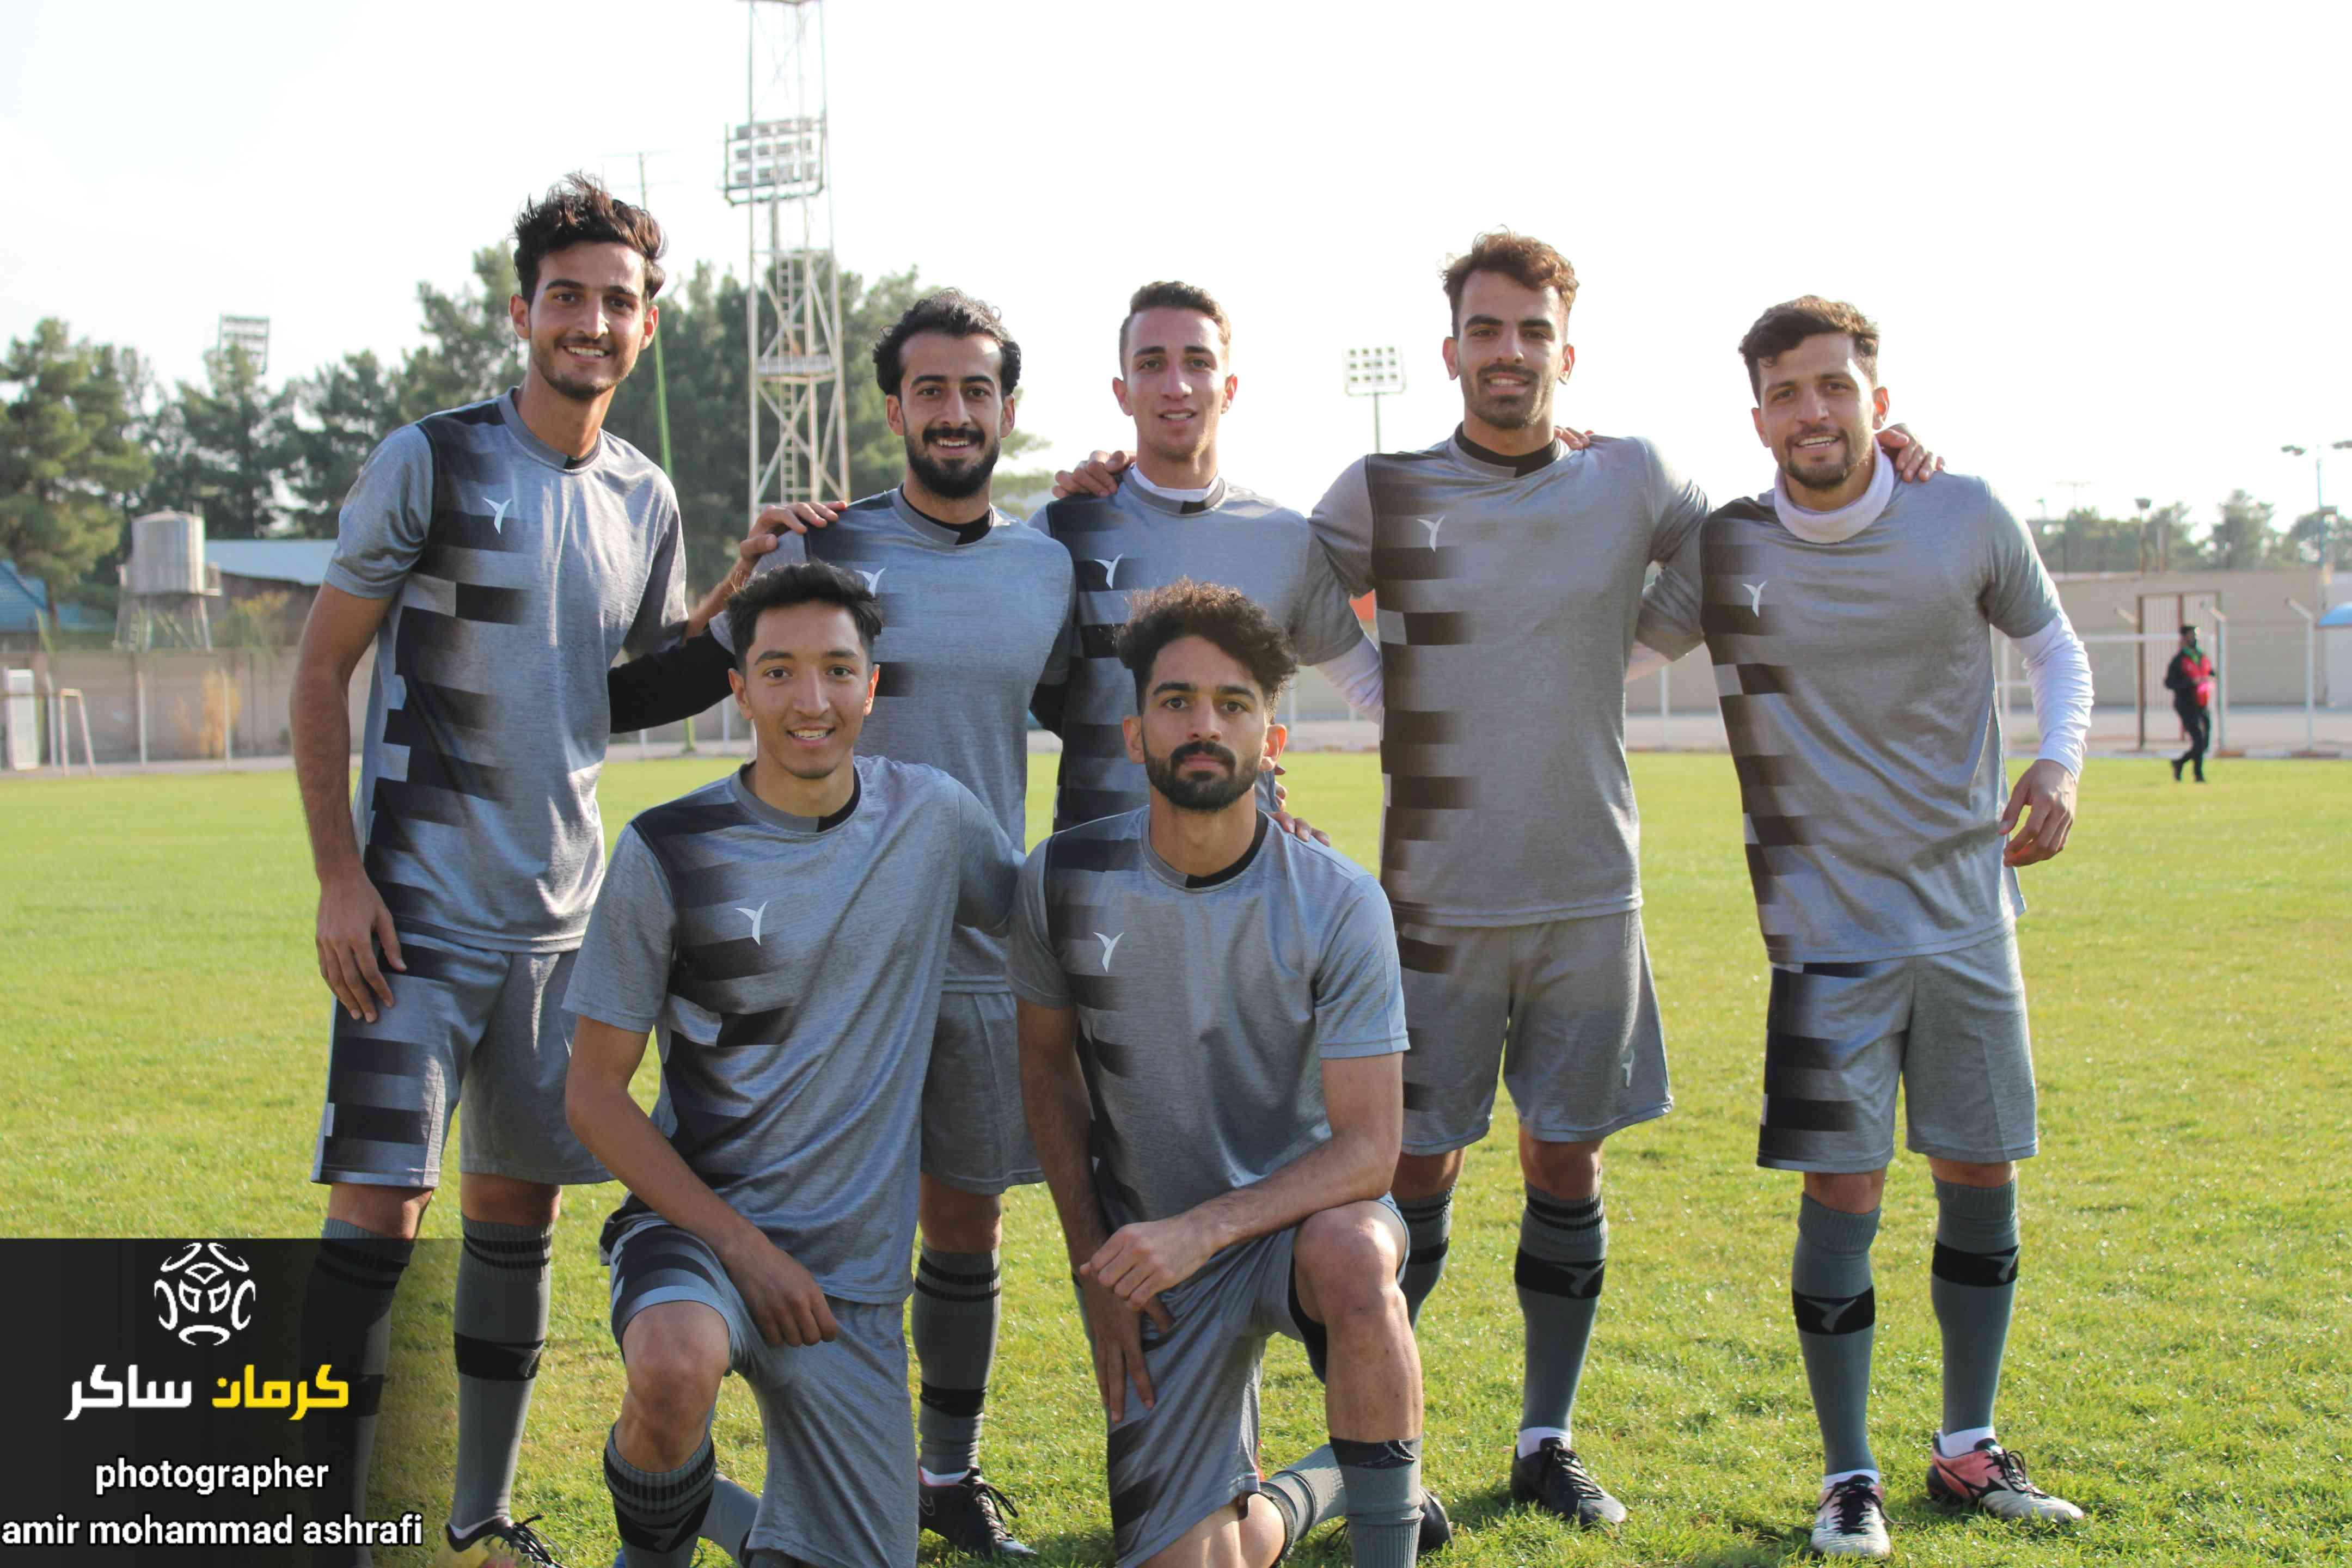 گزارش تصویری: تمرینات آماده سازی پیش فصل تیم فوتبال مشیز کرمان از نگاه دوربین امیرمحمداشرفی